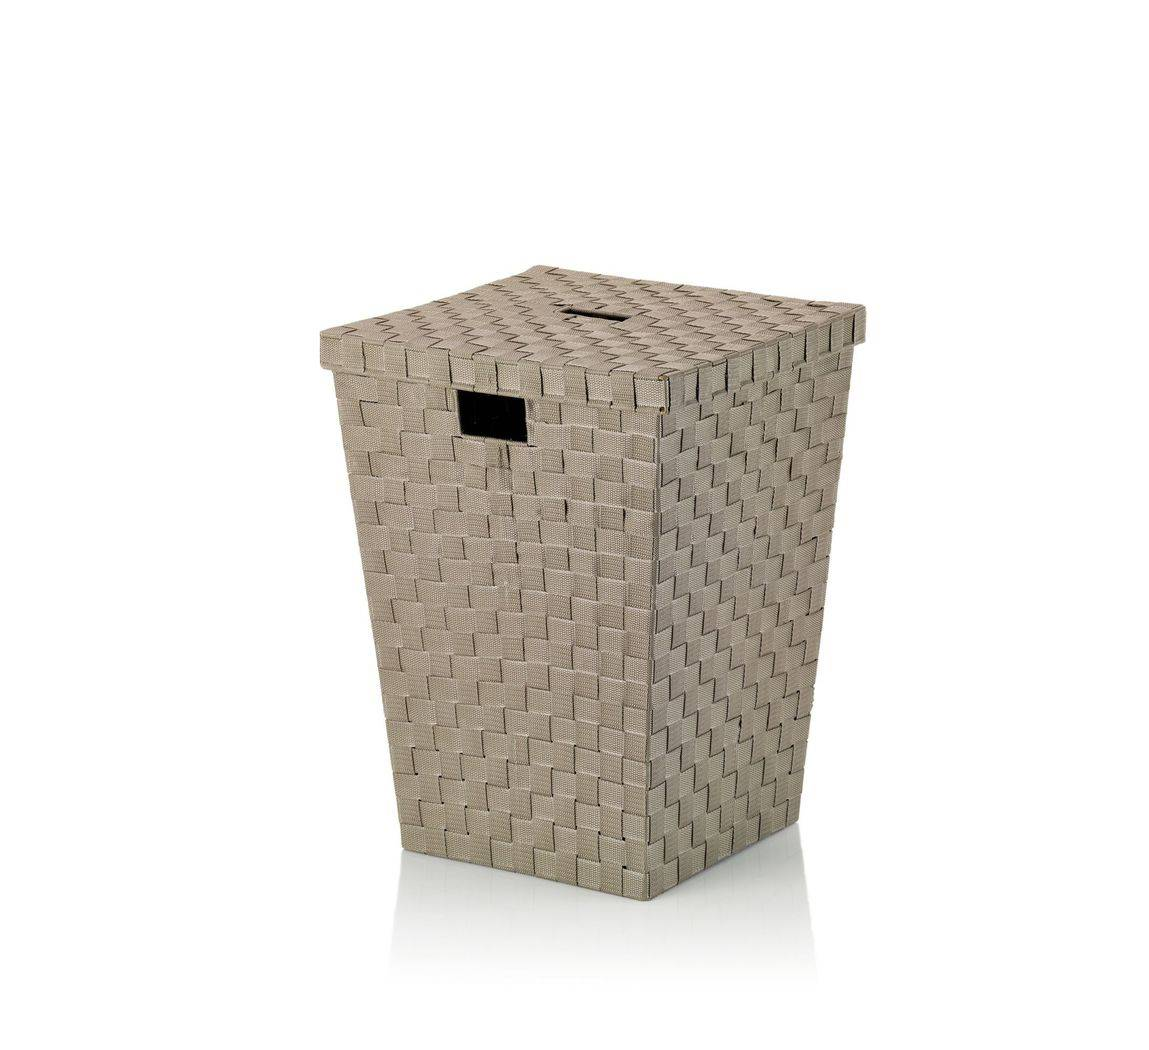 Koš na prádlo Alvaro pískový, 40x40x52cm KL-23073 - Kela